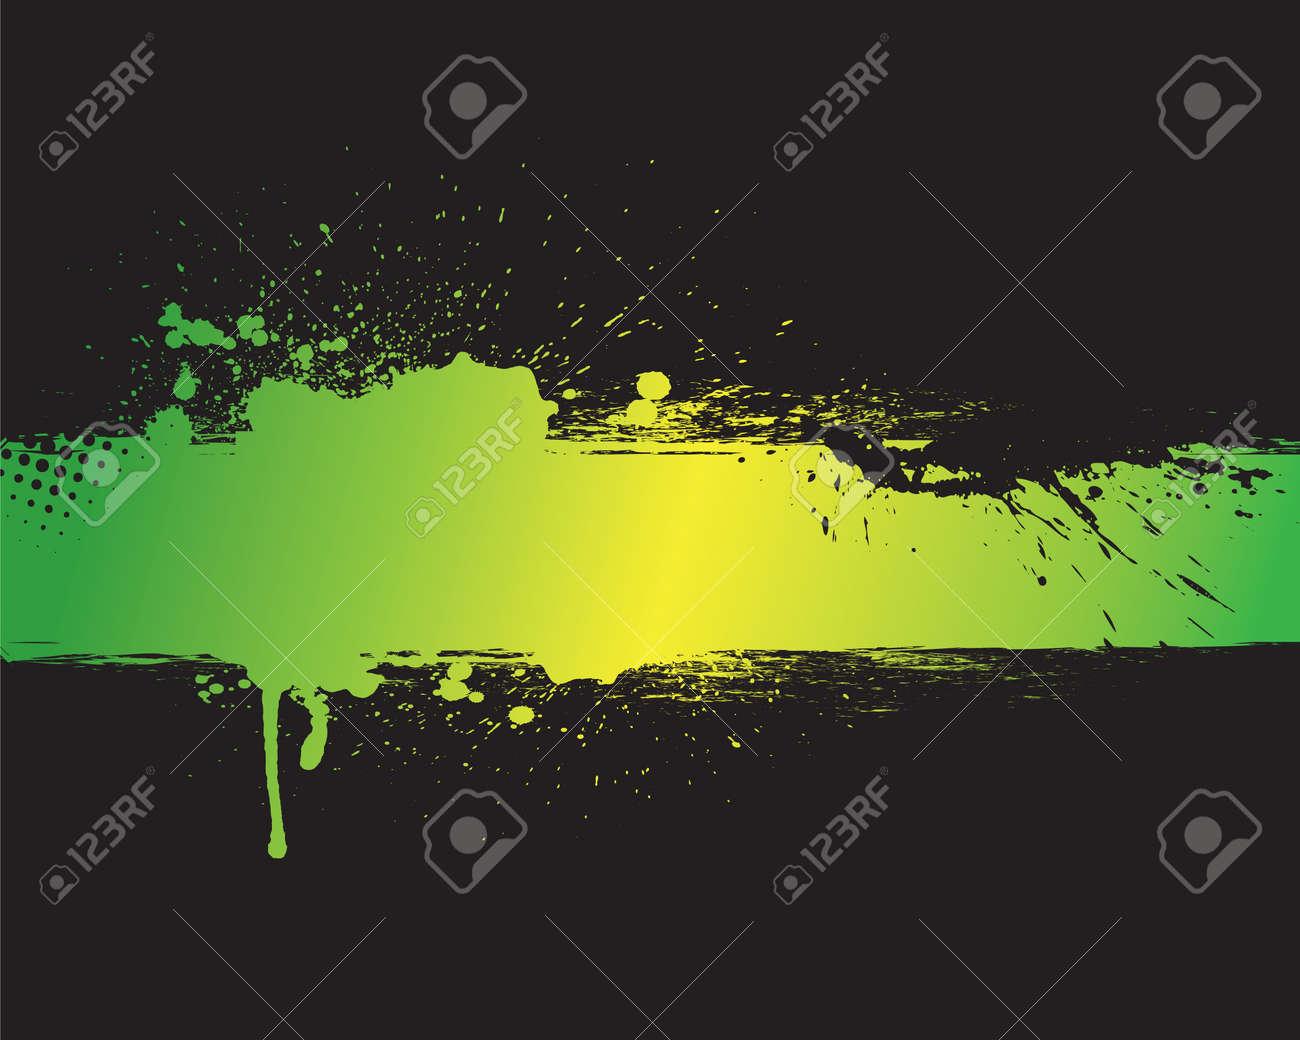 Connu Grunge Bannière Verte Avec Un Fond Noir Clip Art Libres De Droits  PK61